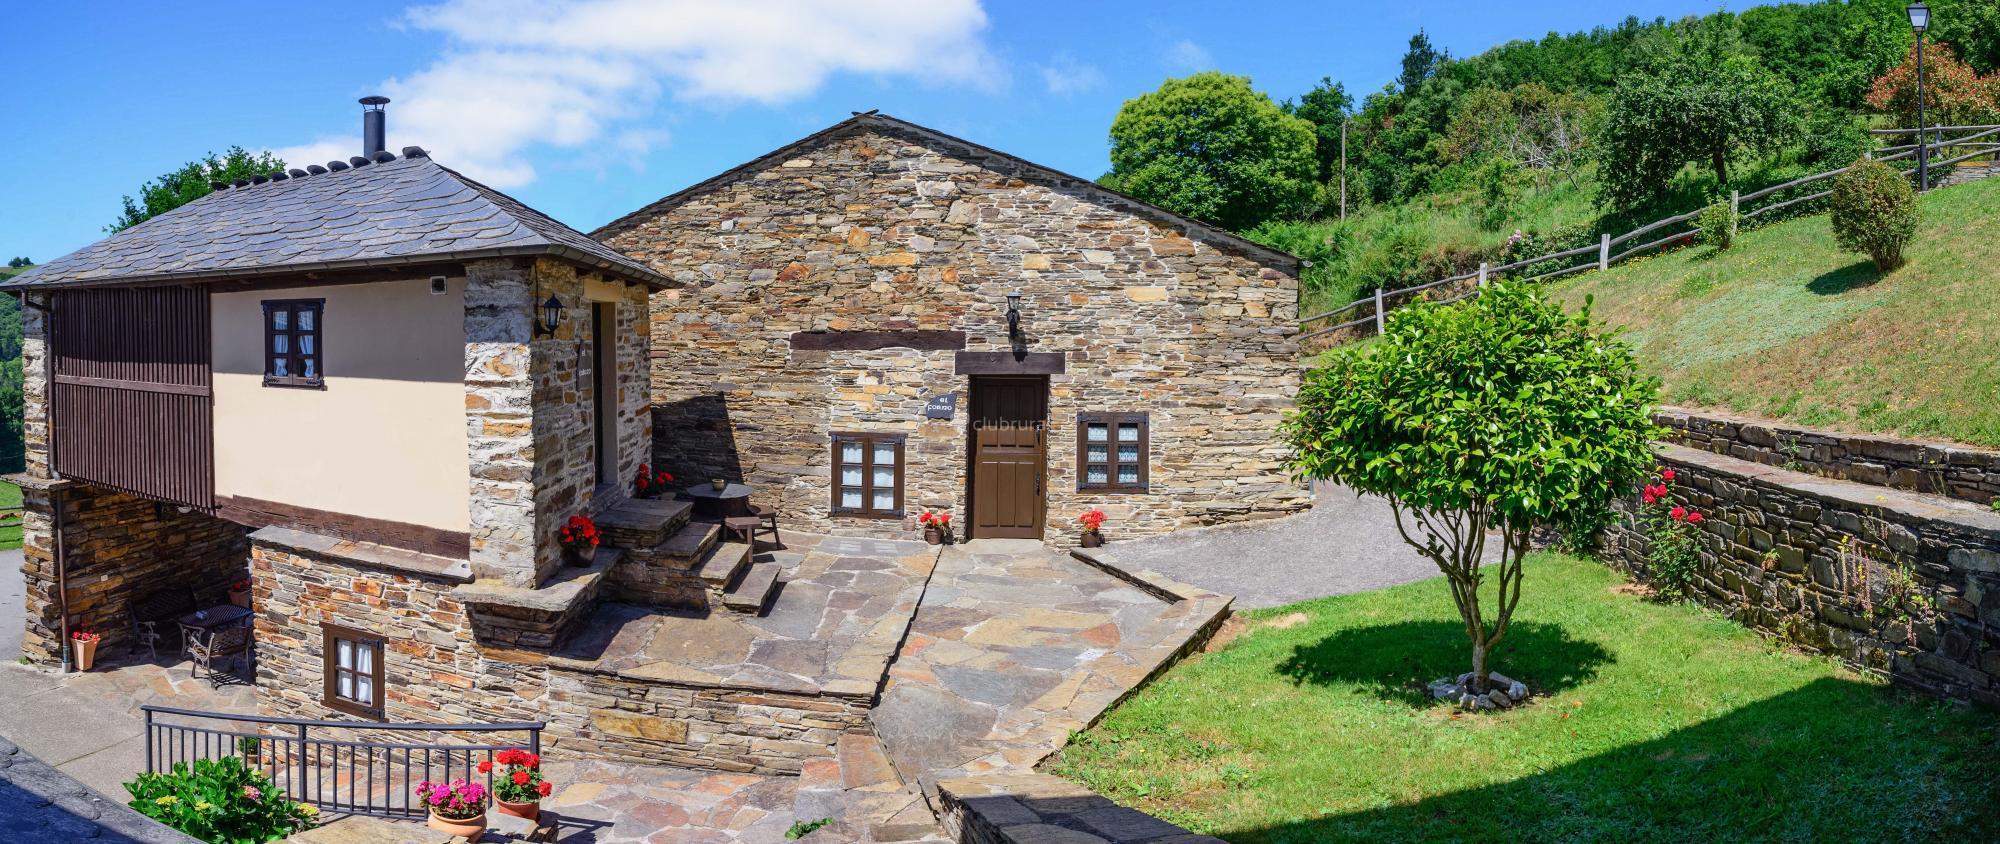 Fotos de nucleo turismo rural casa riveras asturias - Fotorural asturias ...